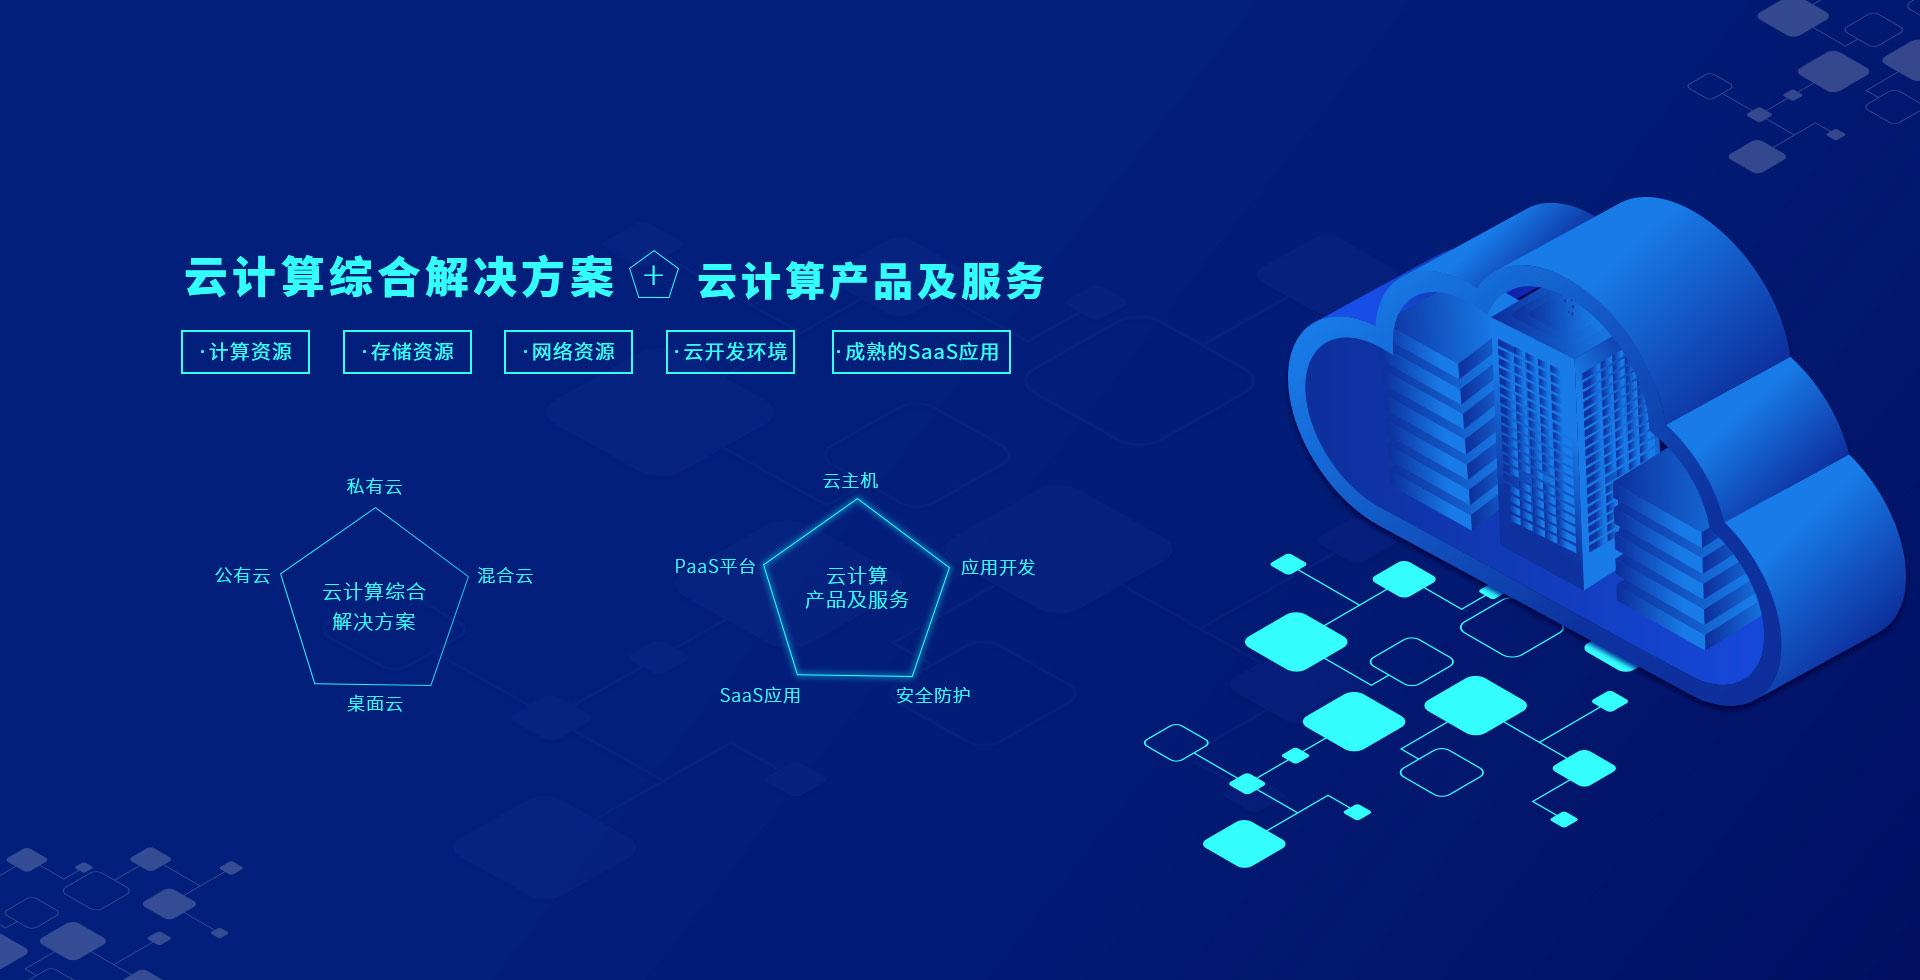 斯百德官网首页banner3